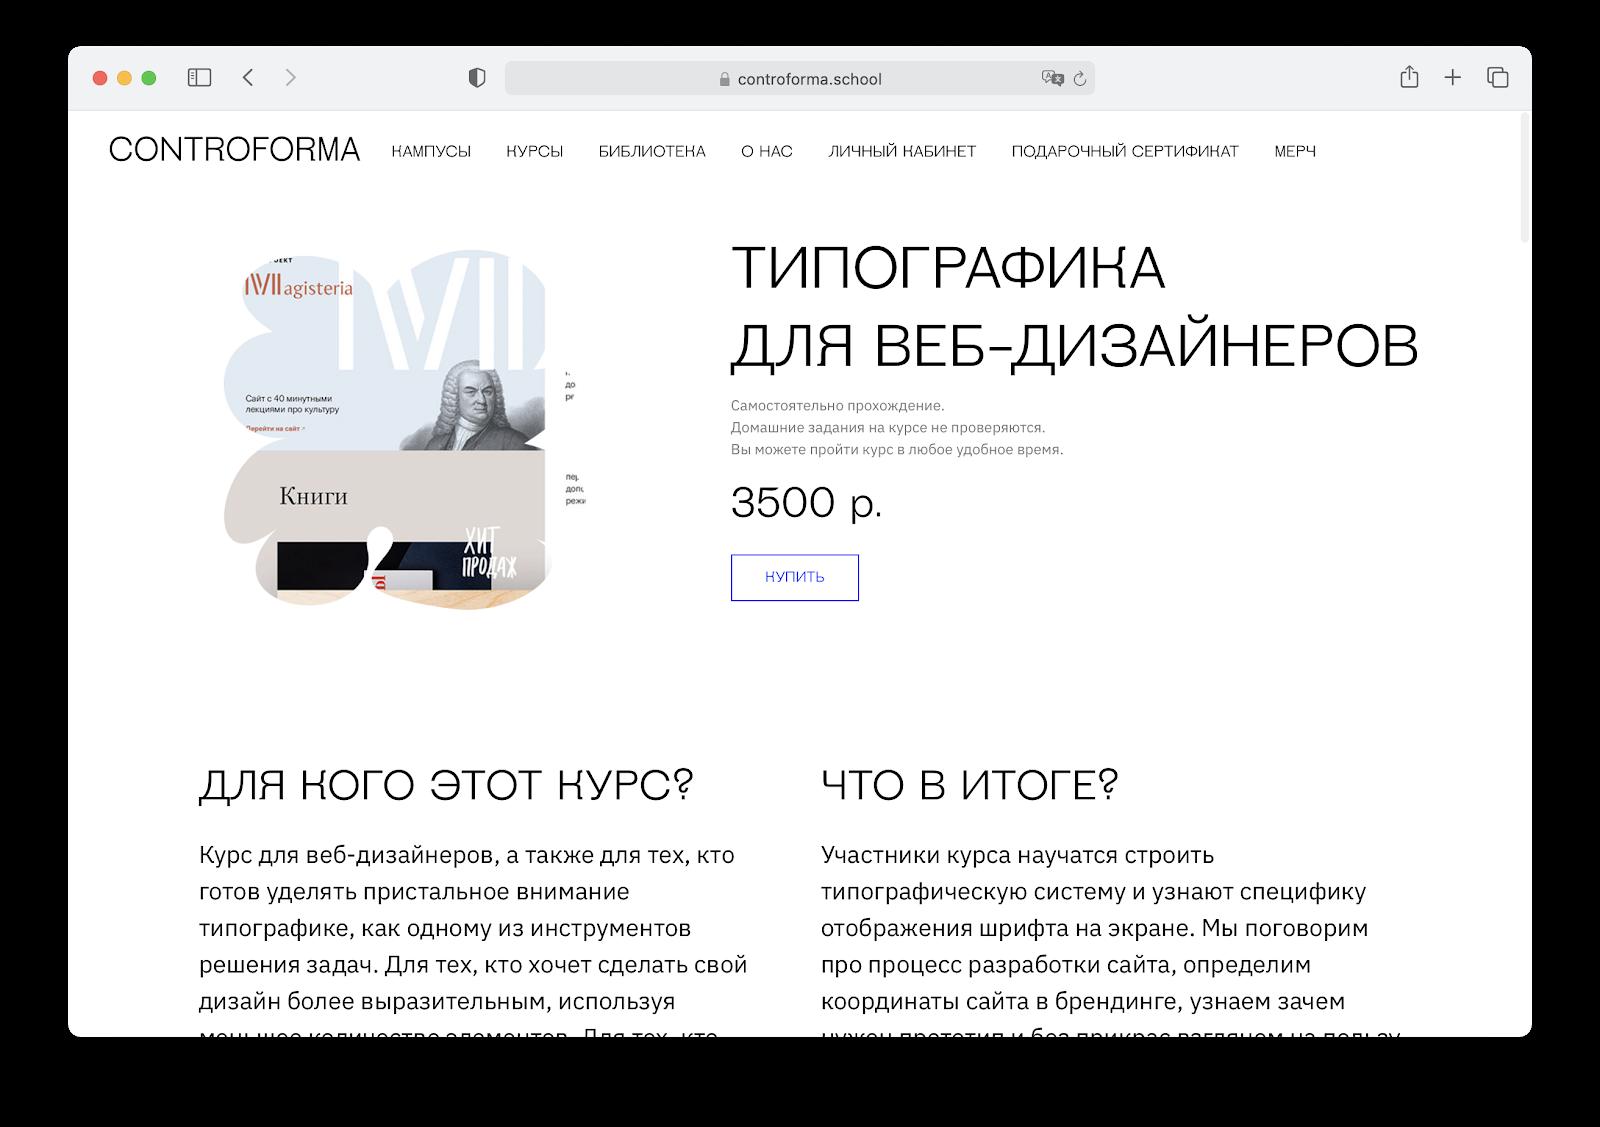 Типографика для веб-дизайнеров от Controforma